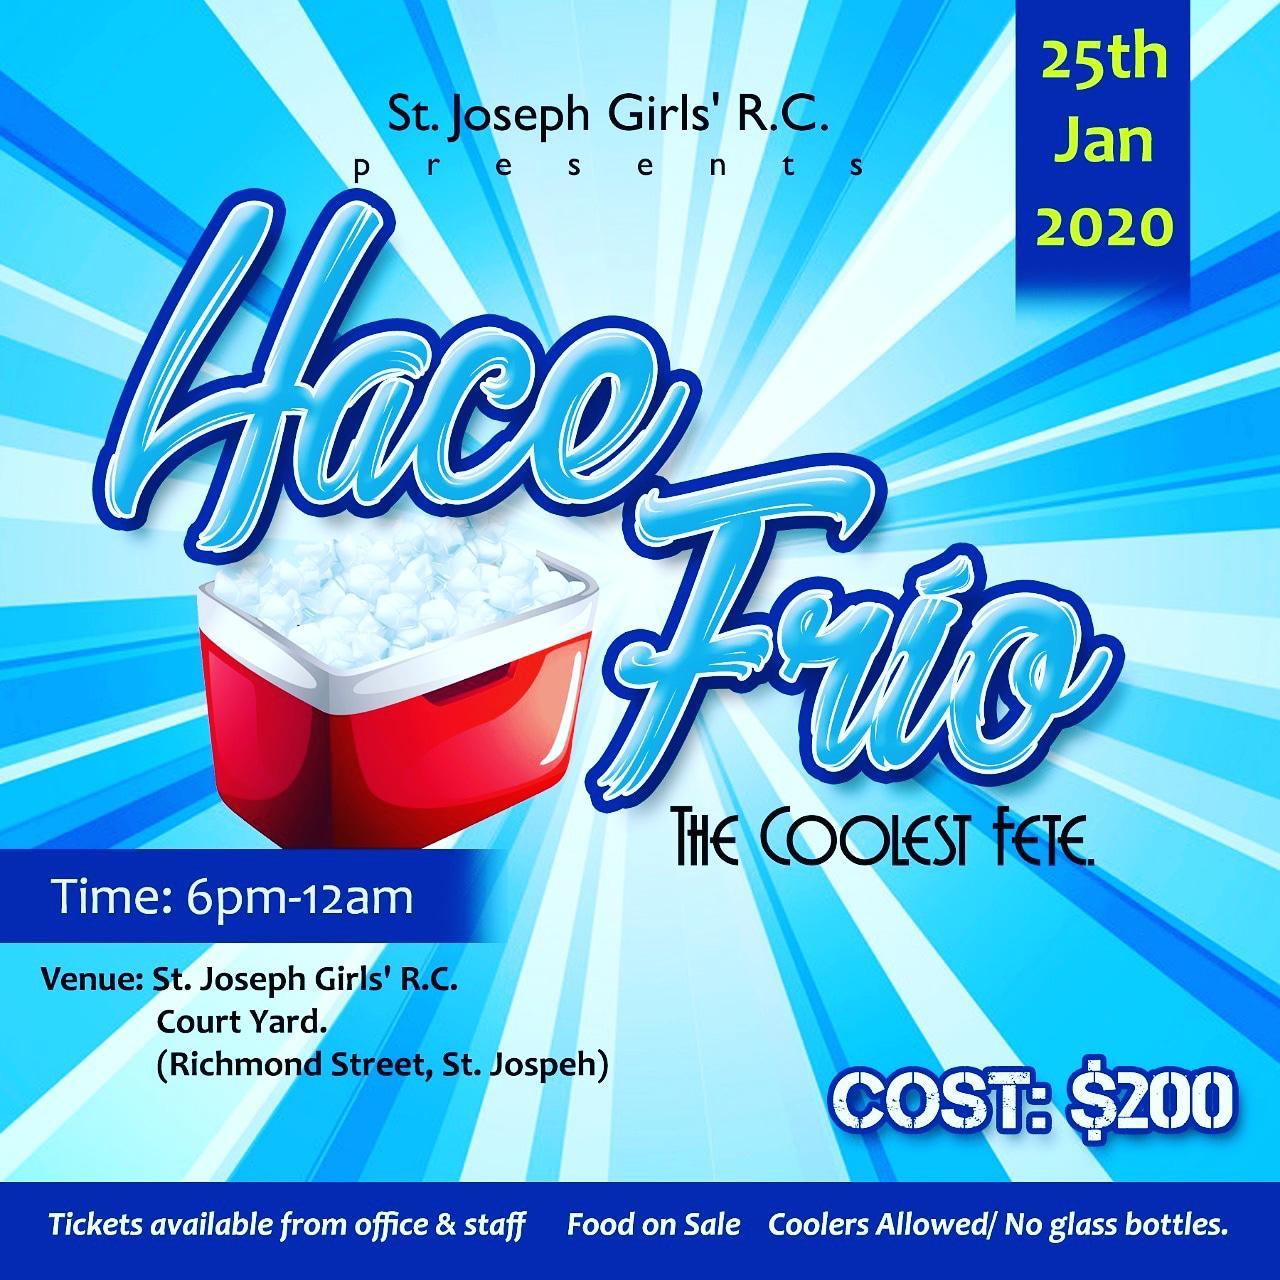 Hace Frío - The Coolest Fete